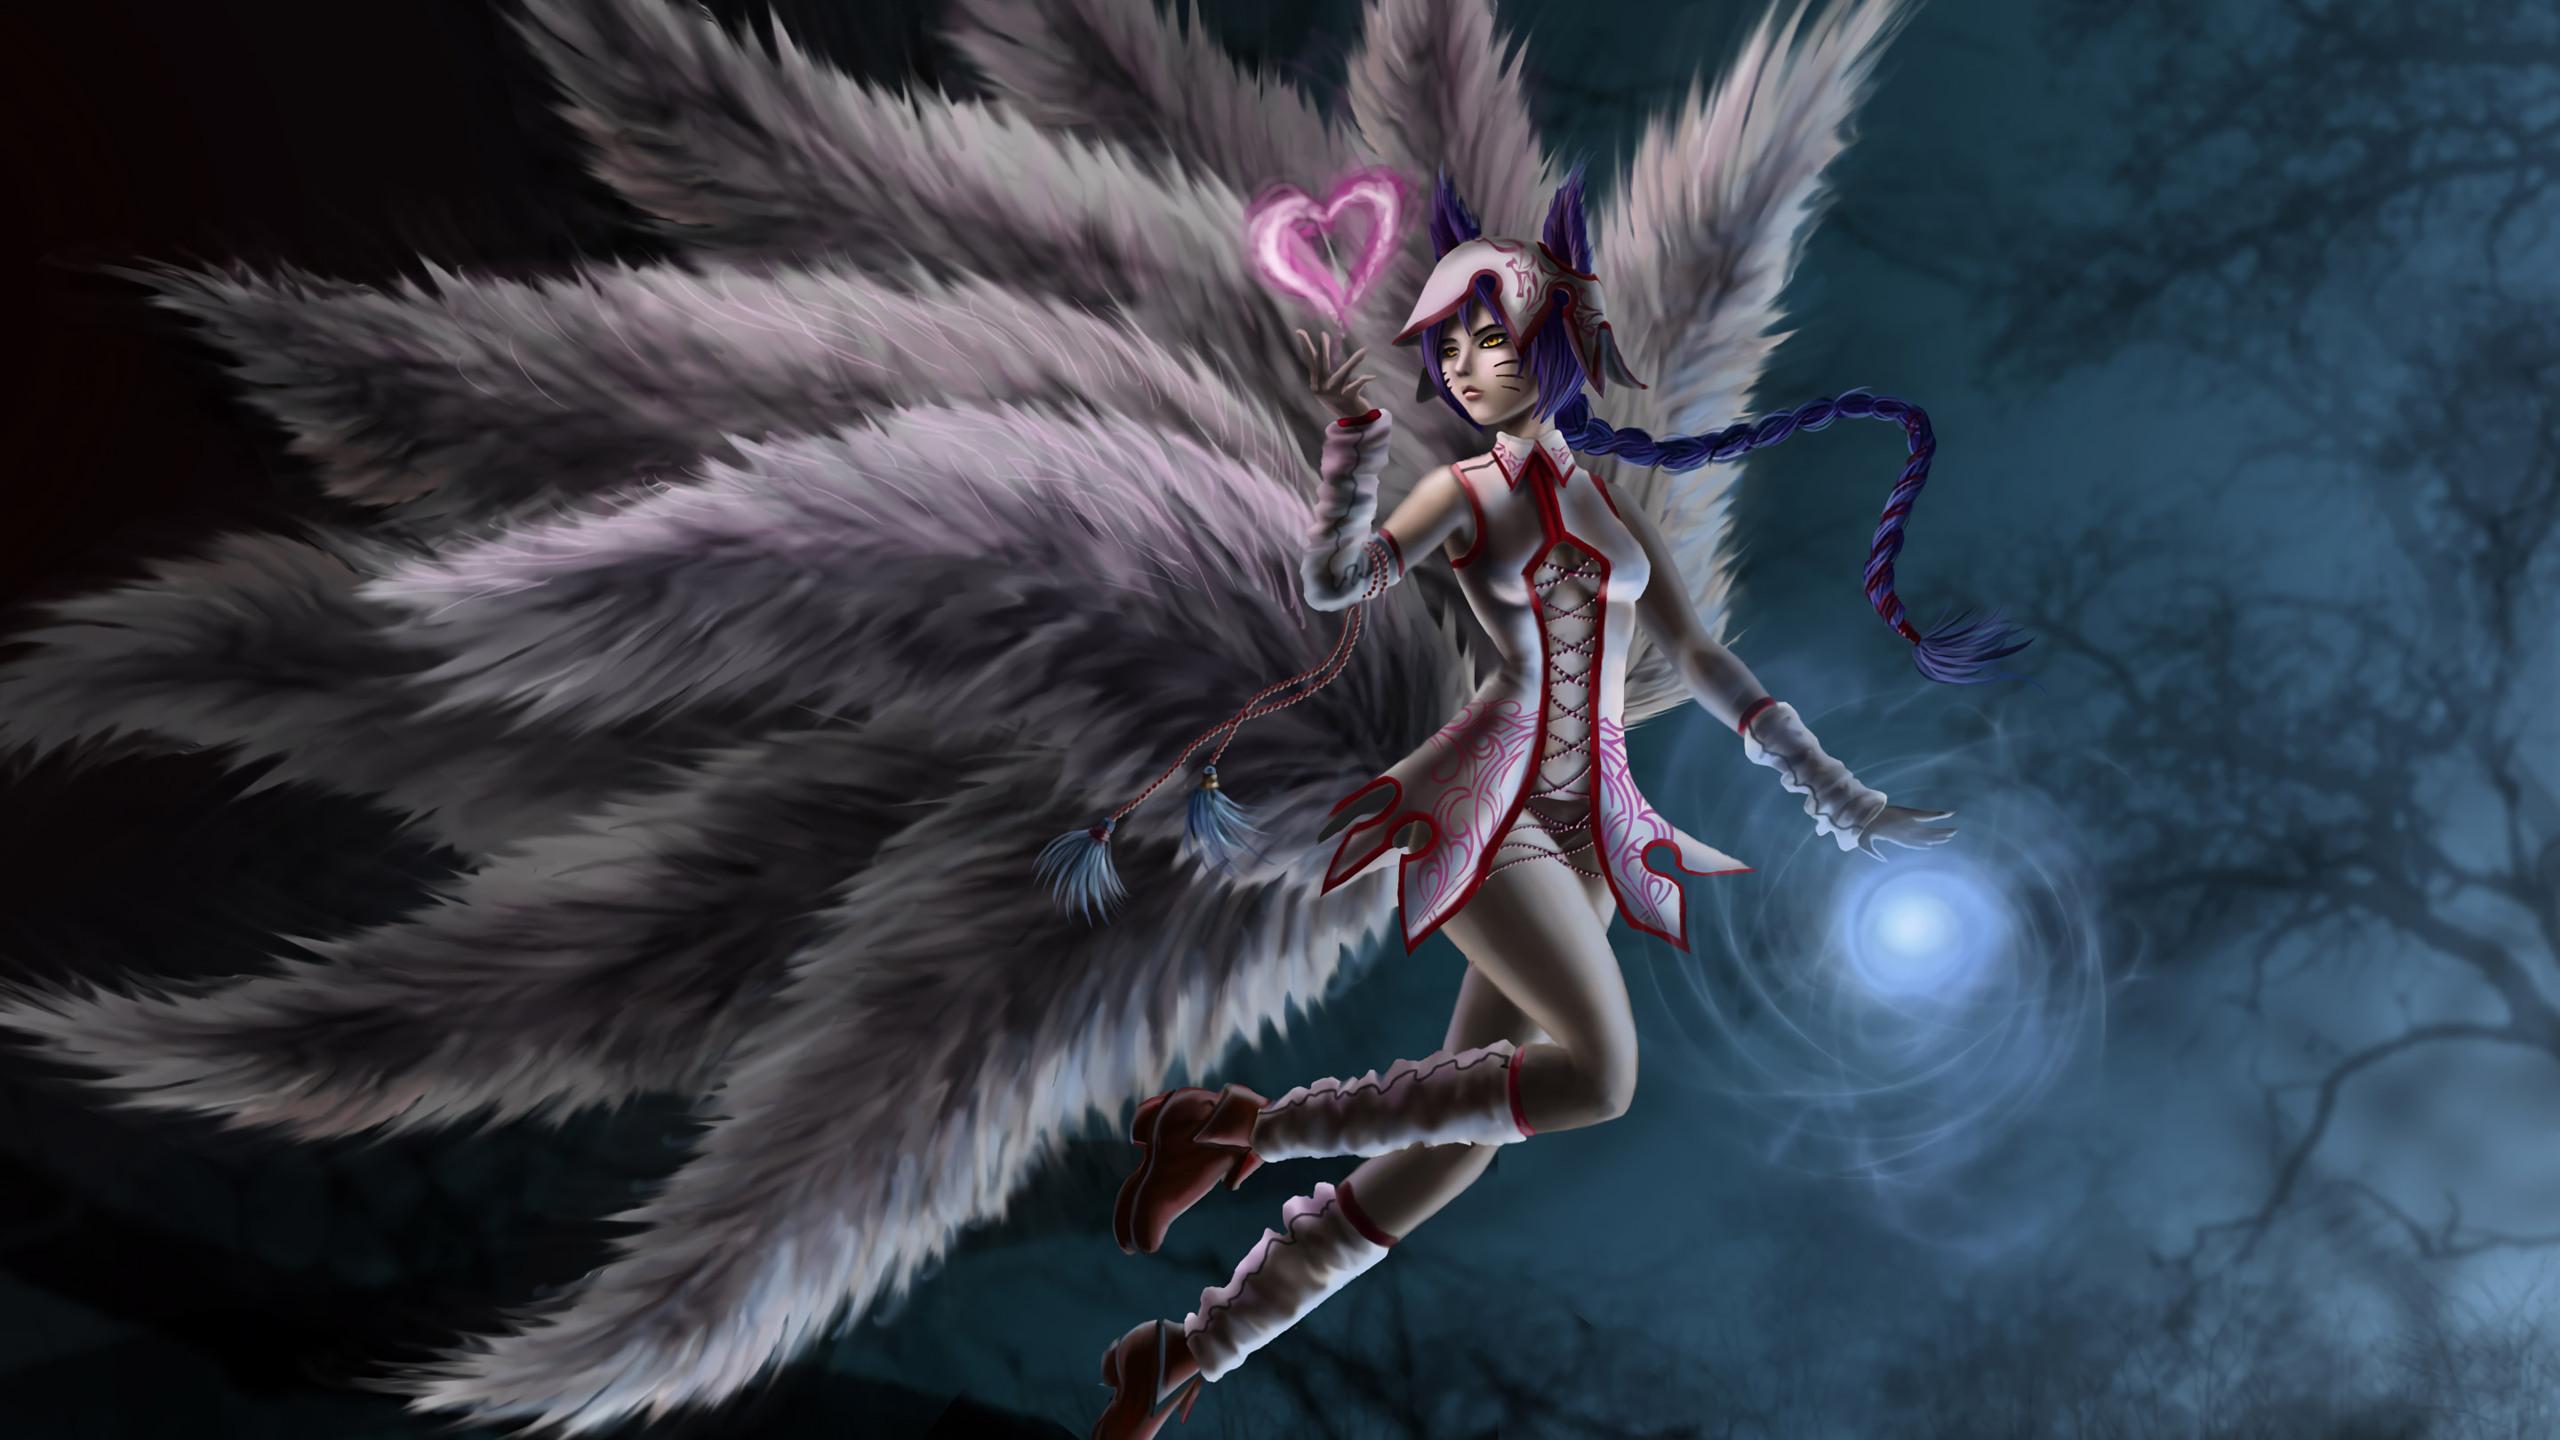 2560x1440 League Of Legends Ahri Art 1440p Resolution Hd 4k